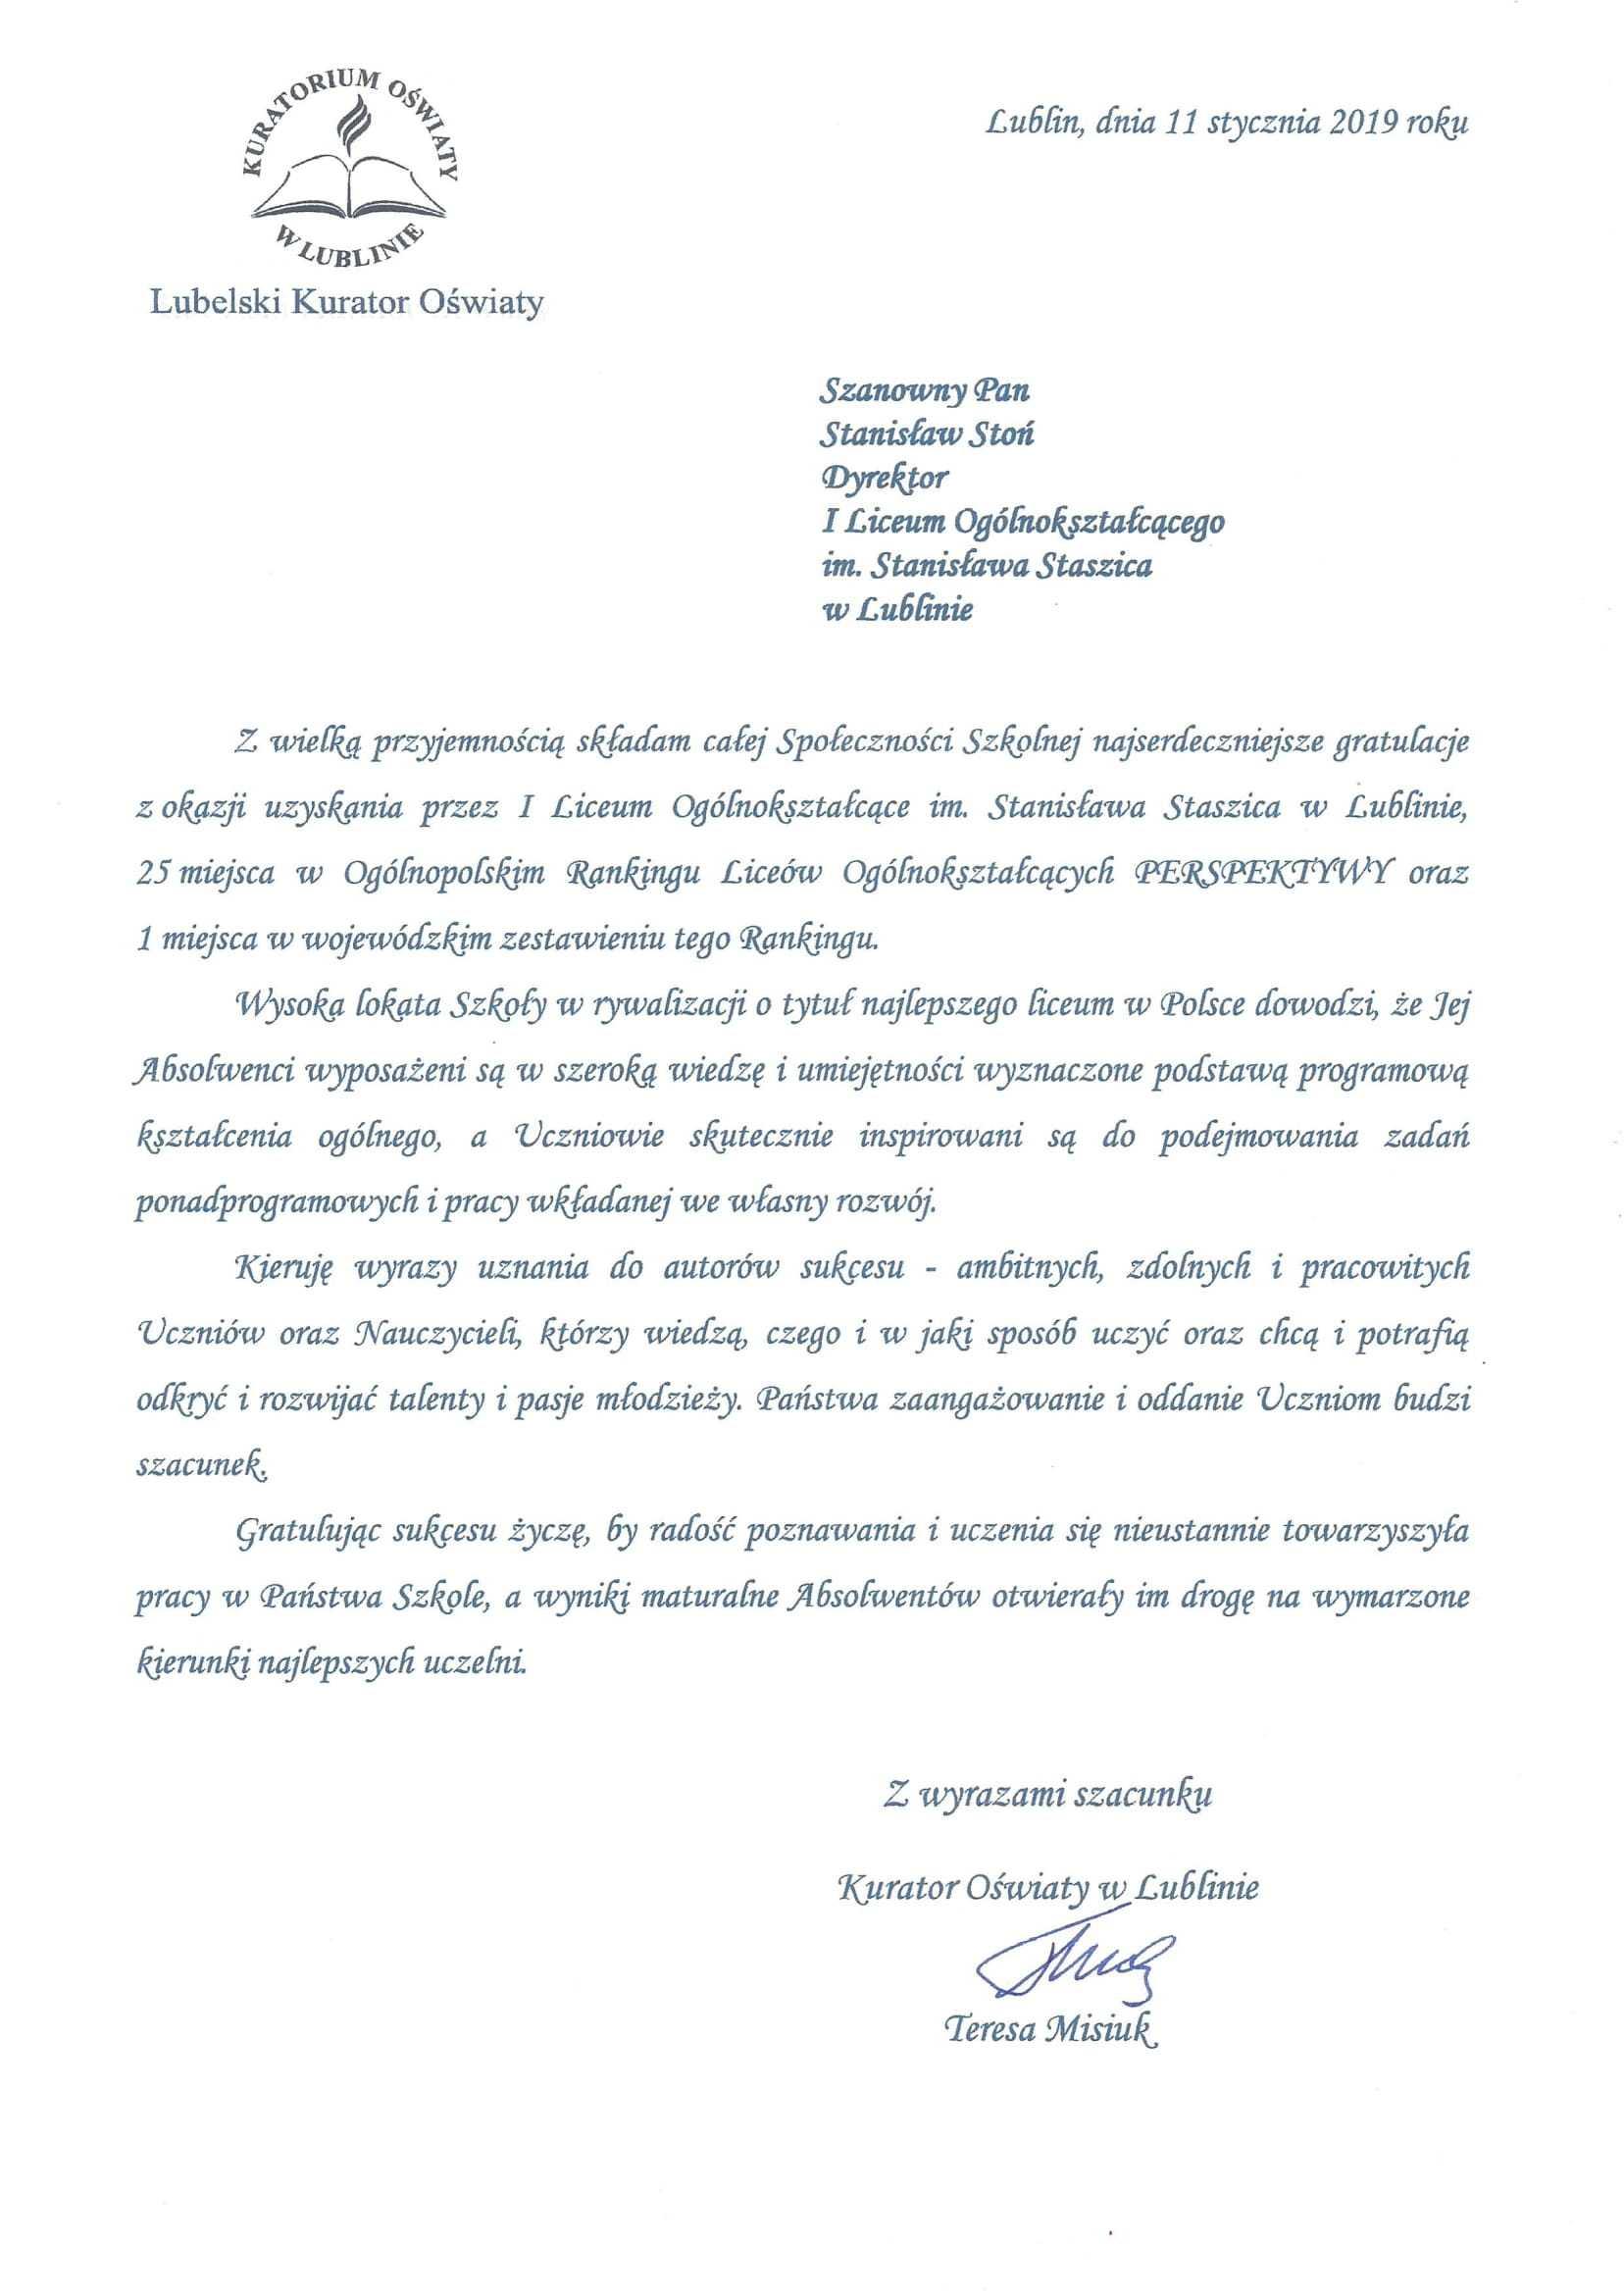 Pismo od Kuratora